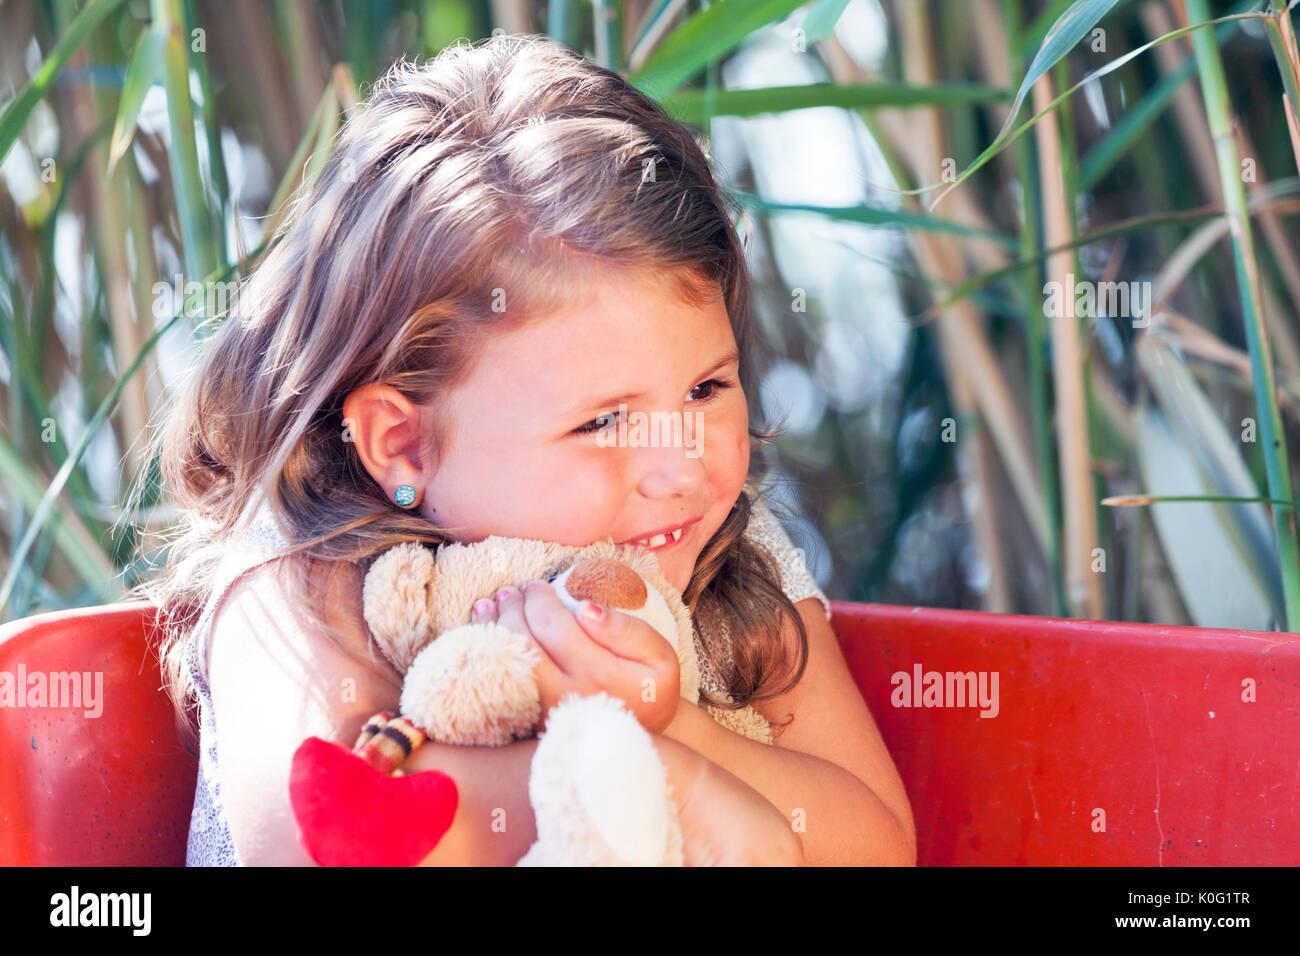 Cute Little Girl Wet Hair Stock Photos Cute Little Girl Wet Hair